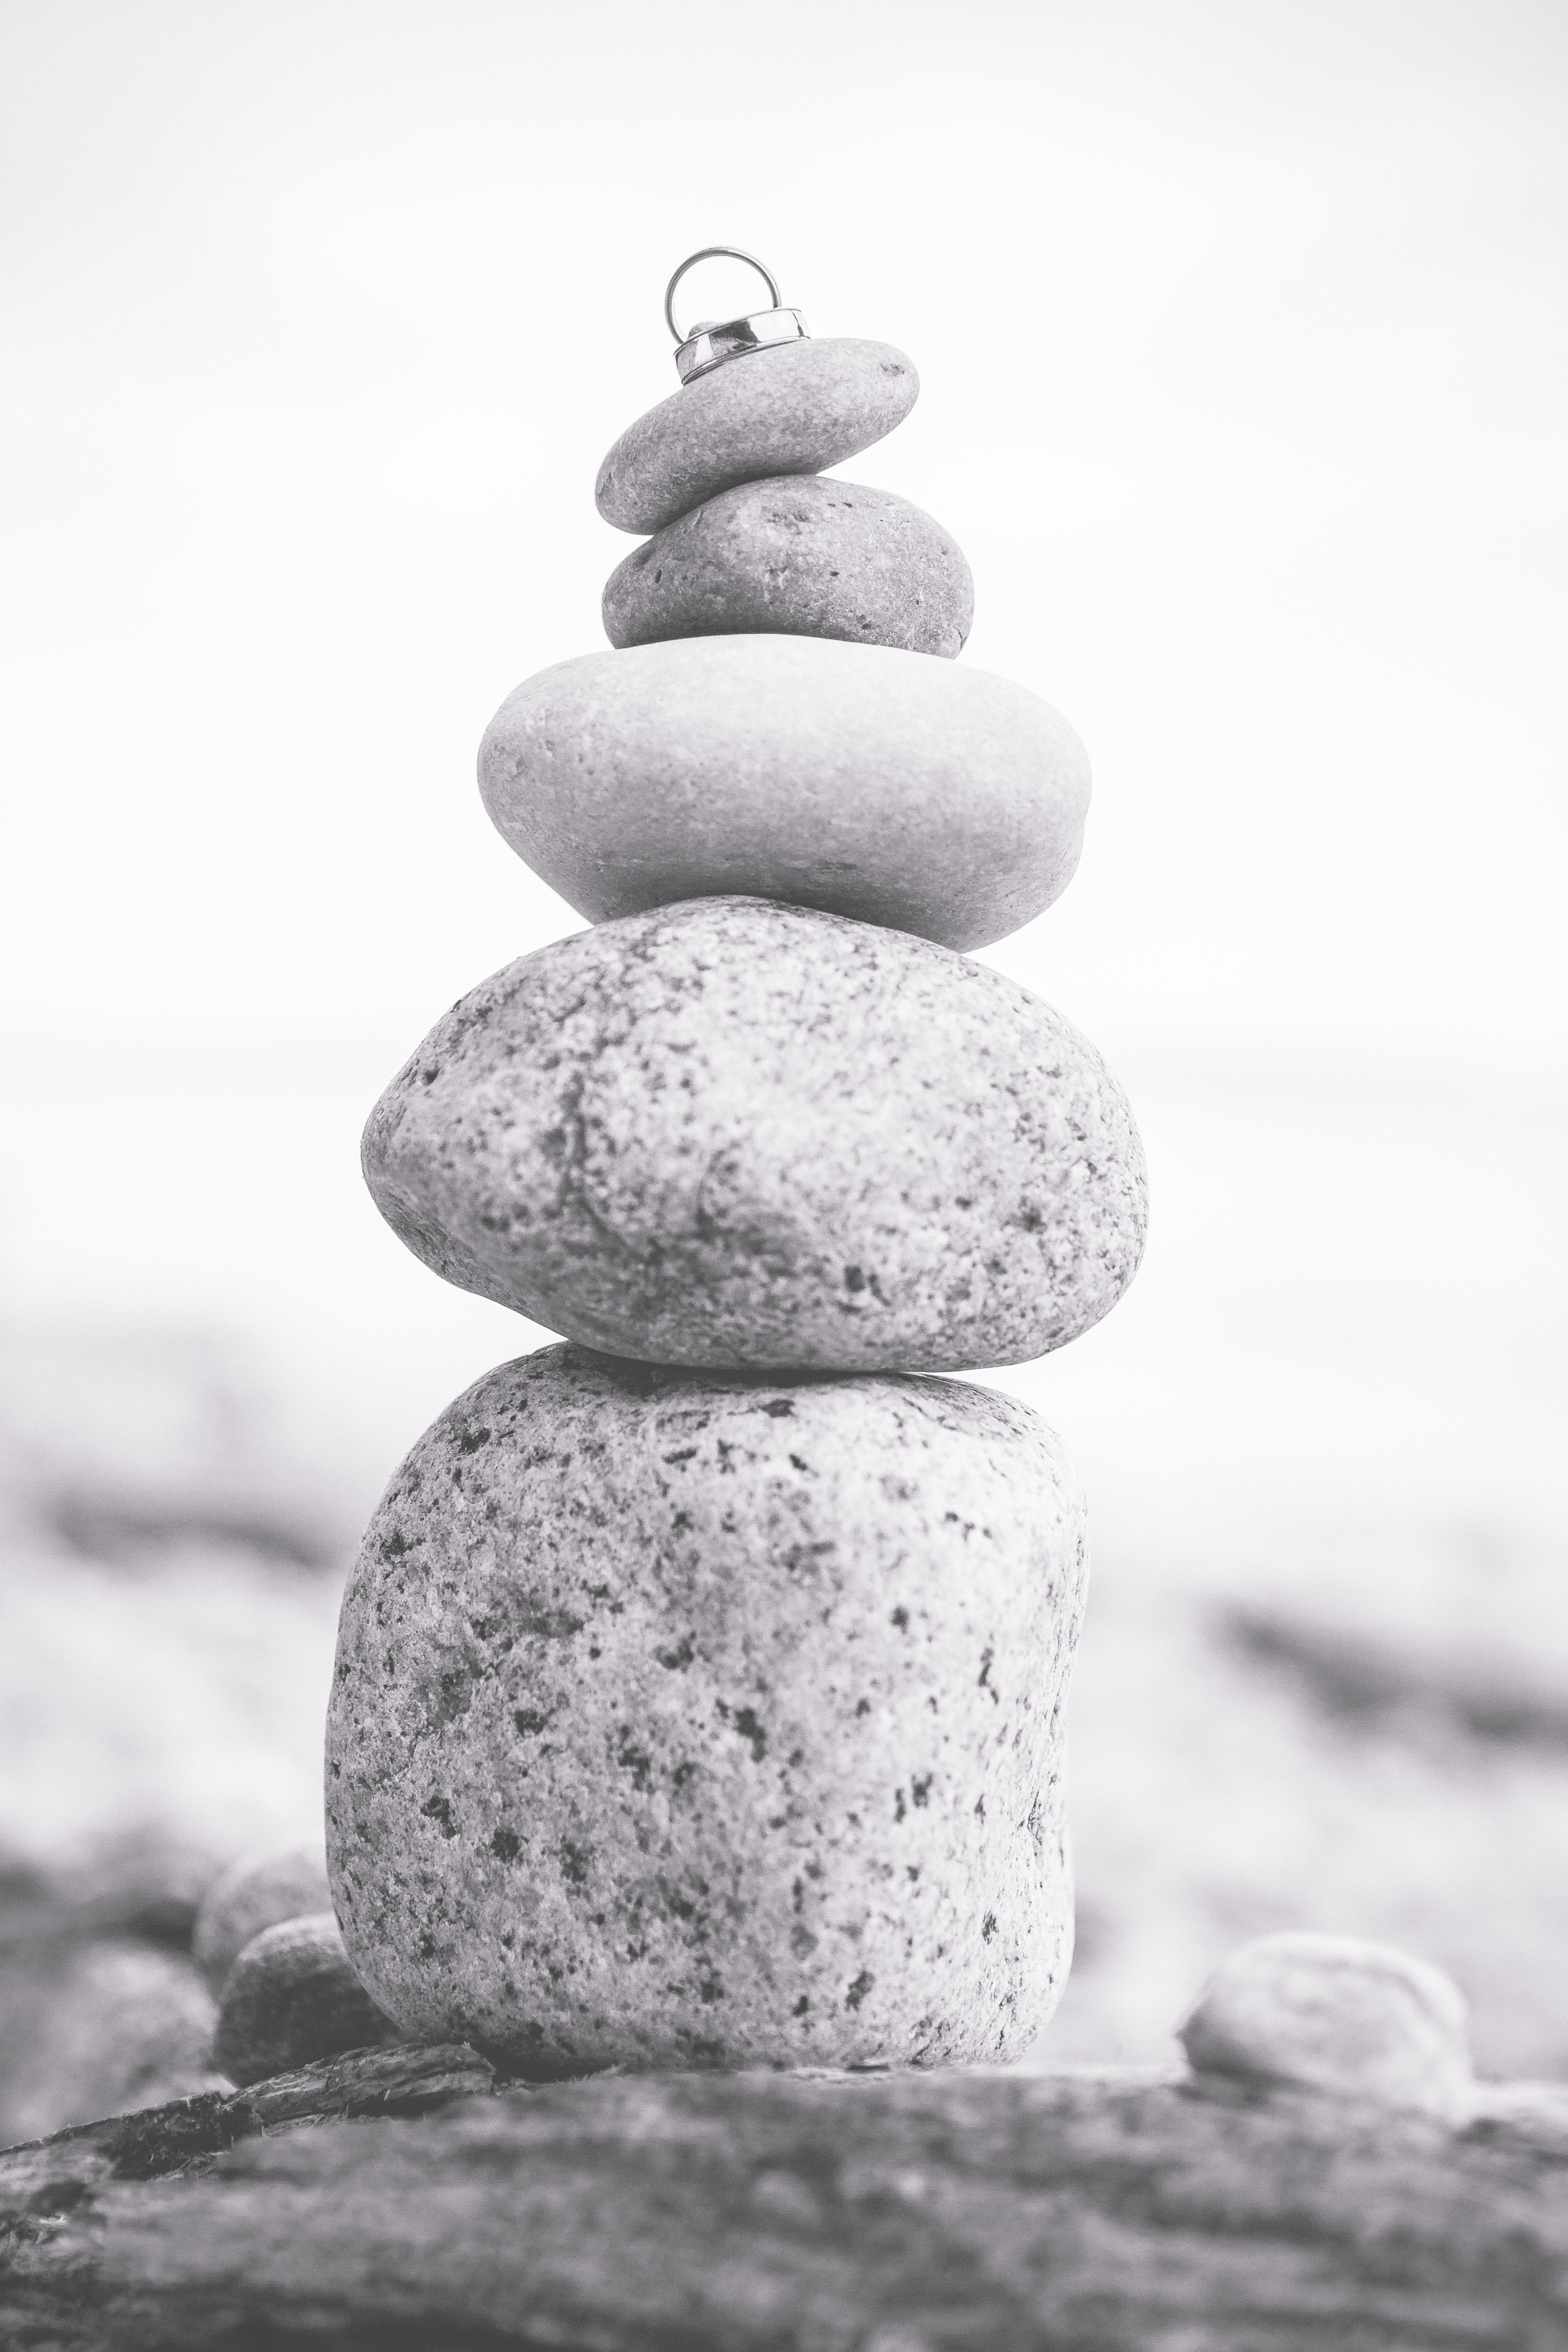 Eheringe fotografiert auf einem Stein.